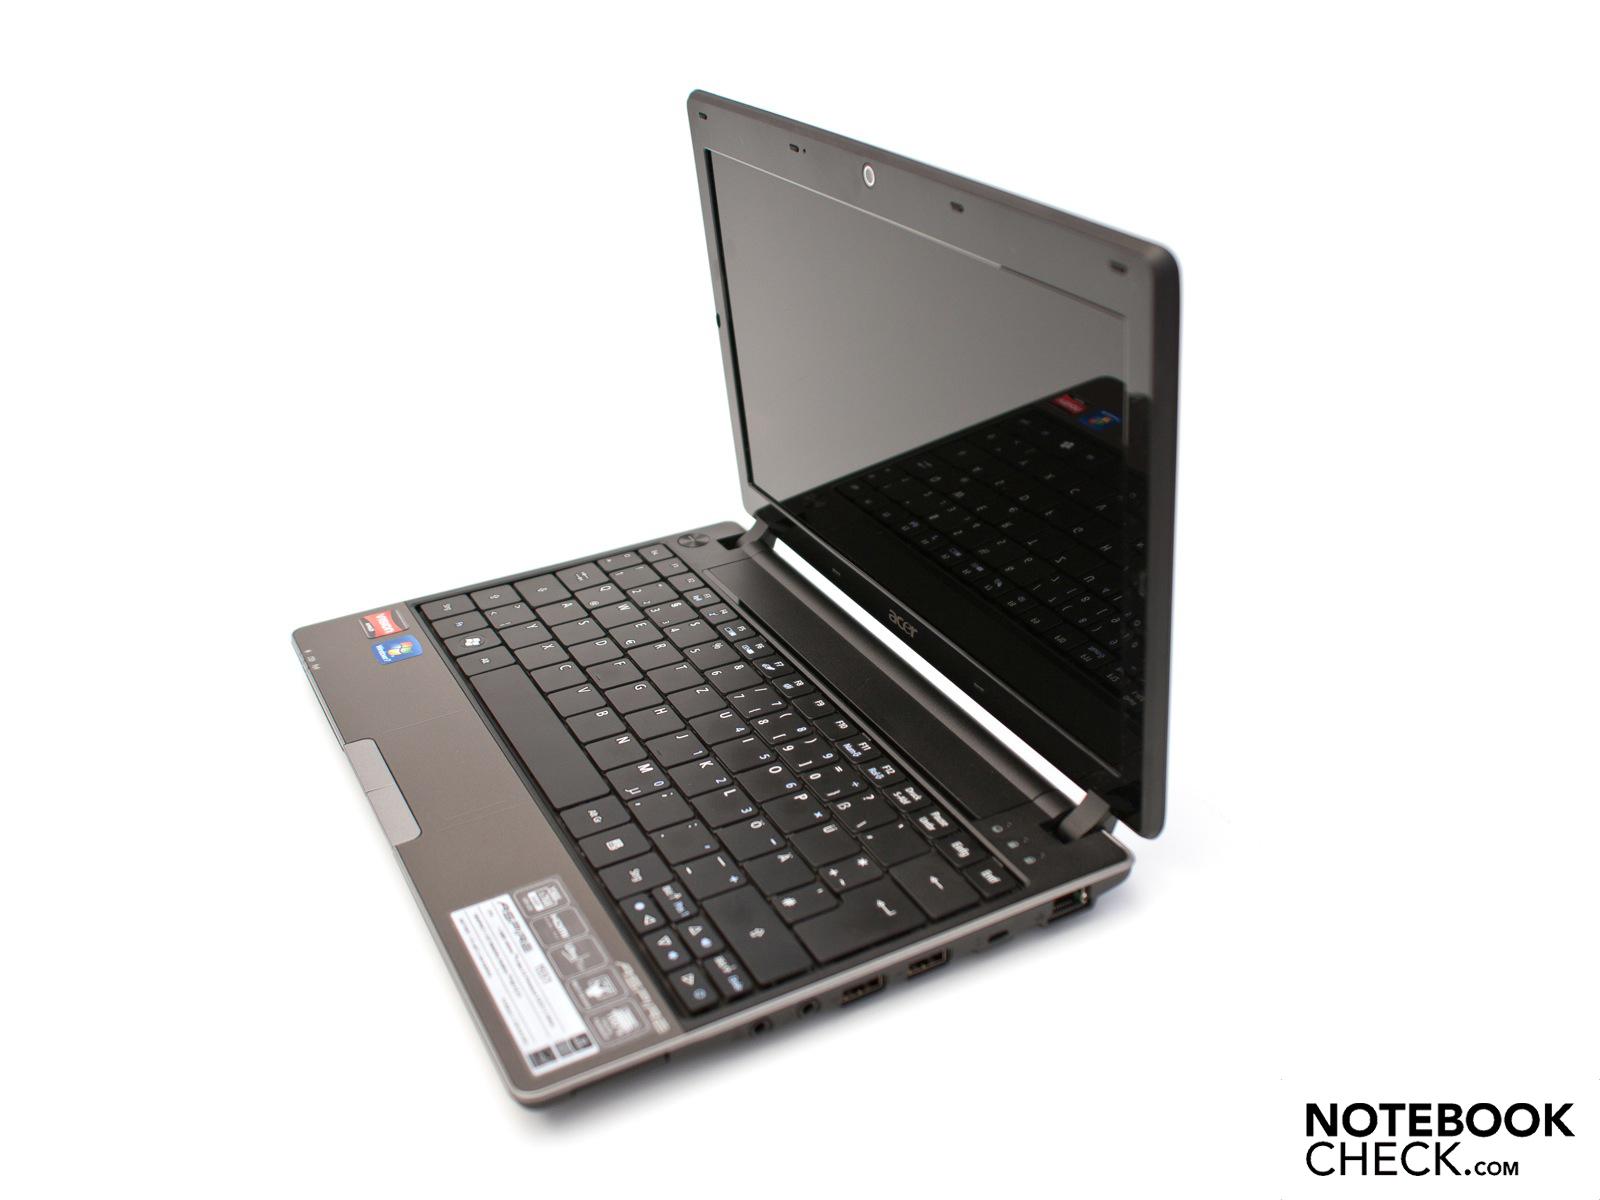 Aopen Notebook 1551-OG VGA Vista